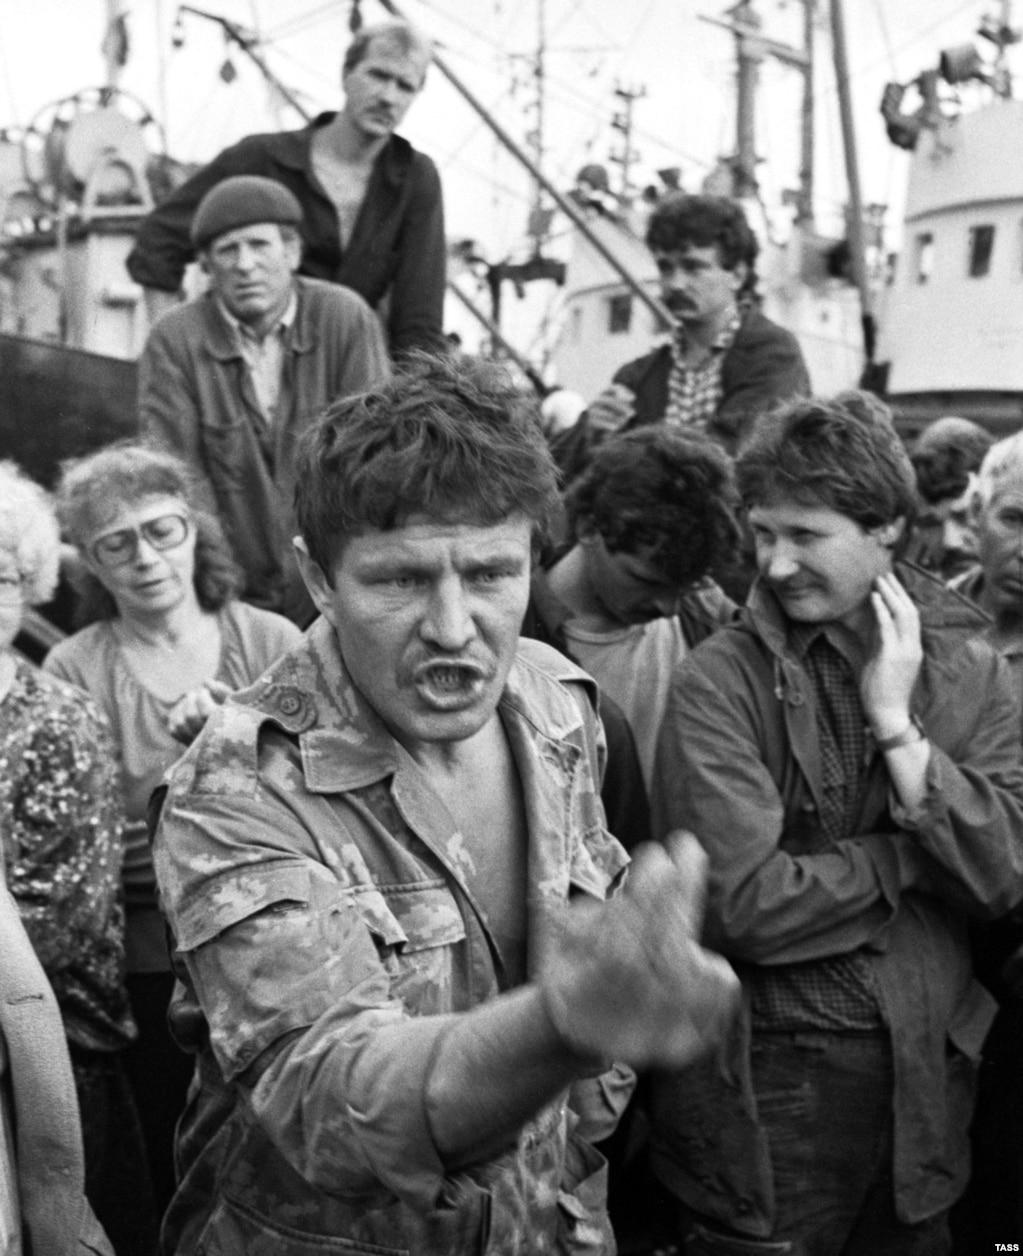 Российские рыбаки на шествии в защиту российского владения Курилами в начале 90-х годов прошлого столетия. В 2016 году опрос общественного мнения показал, что 78 процентов россиян выступают против возвращения островов Японии. 20 января 2019 года во многих городах России прошли акции протеста против передачи островов Японии